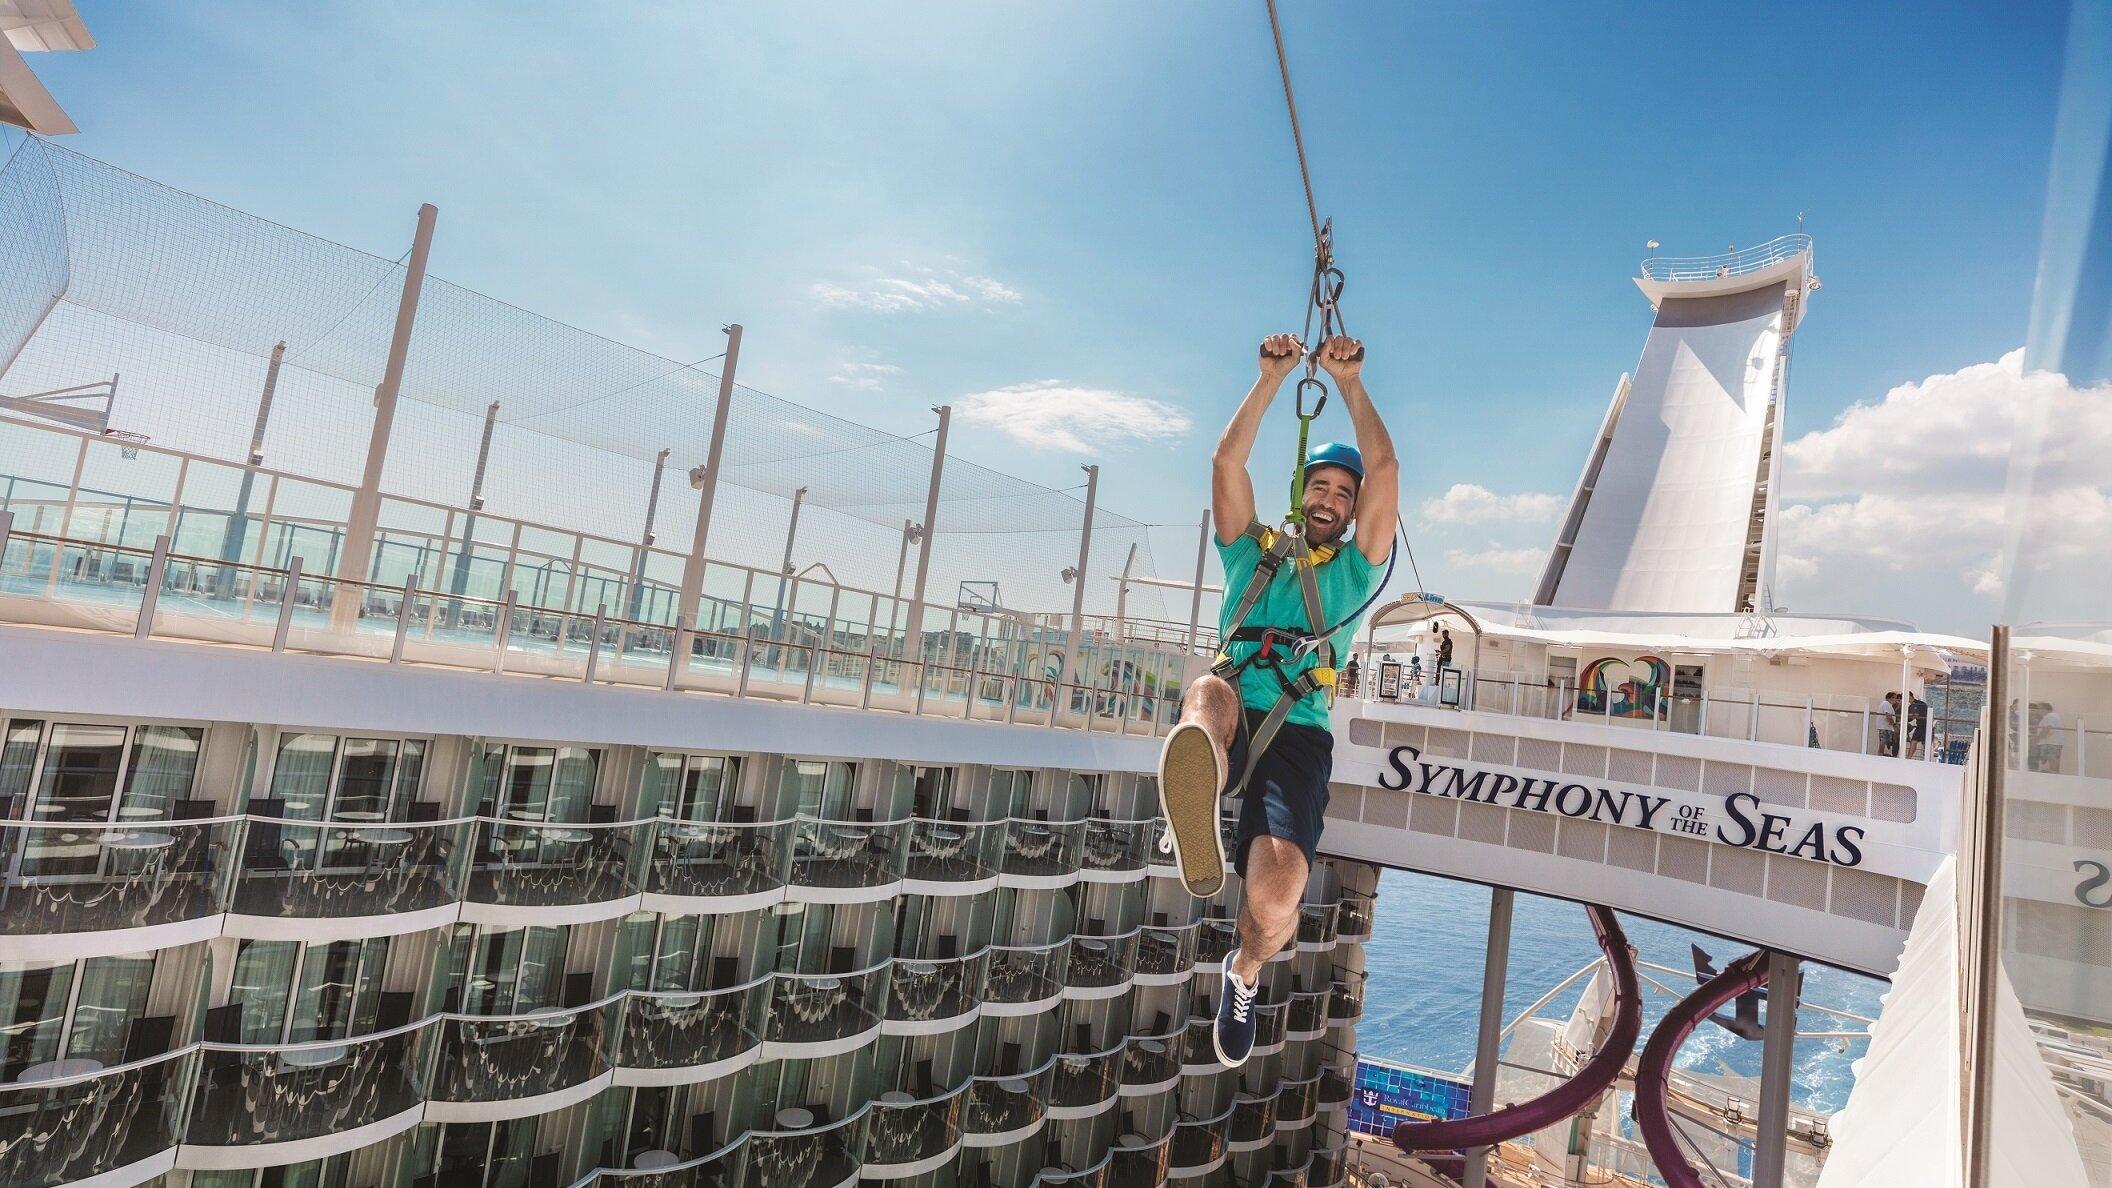 Fartfyllda Symphony Of the Seas - Världens största kryssningsfartyg. Klicka här för att se alla våra rutter med denna gigant.